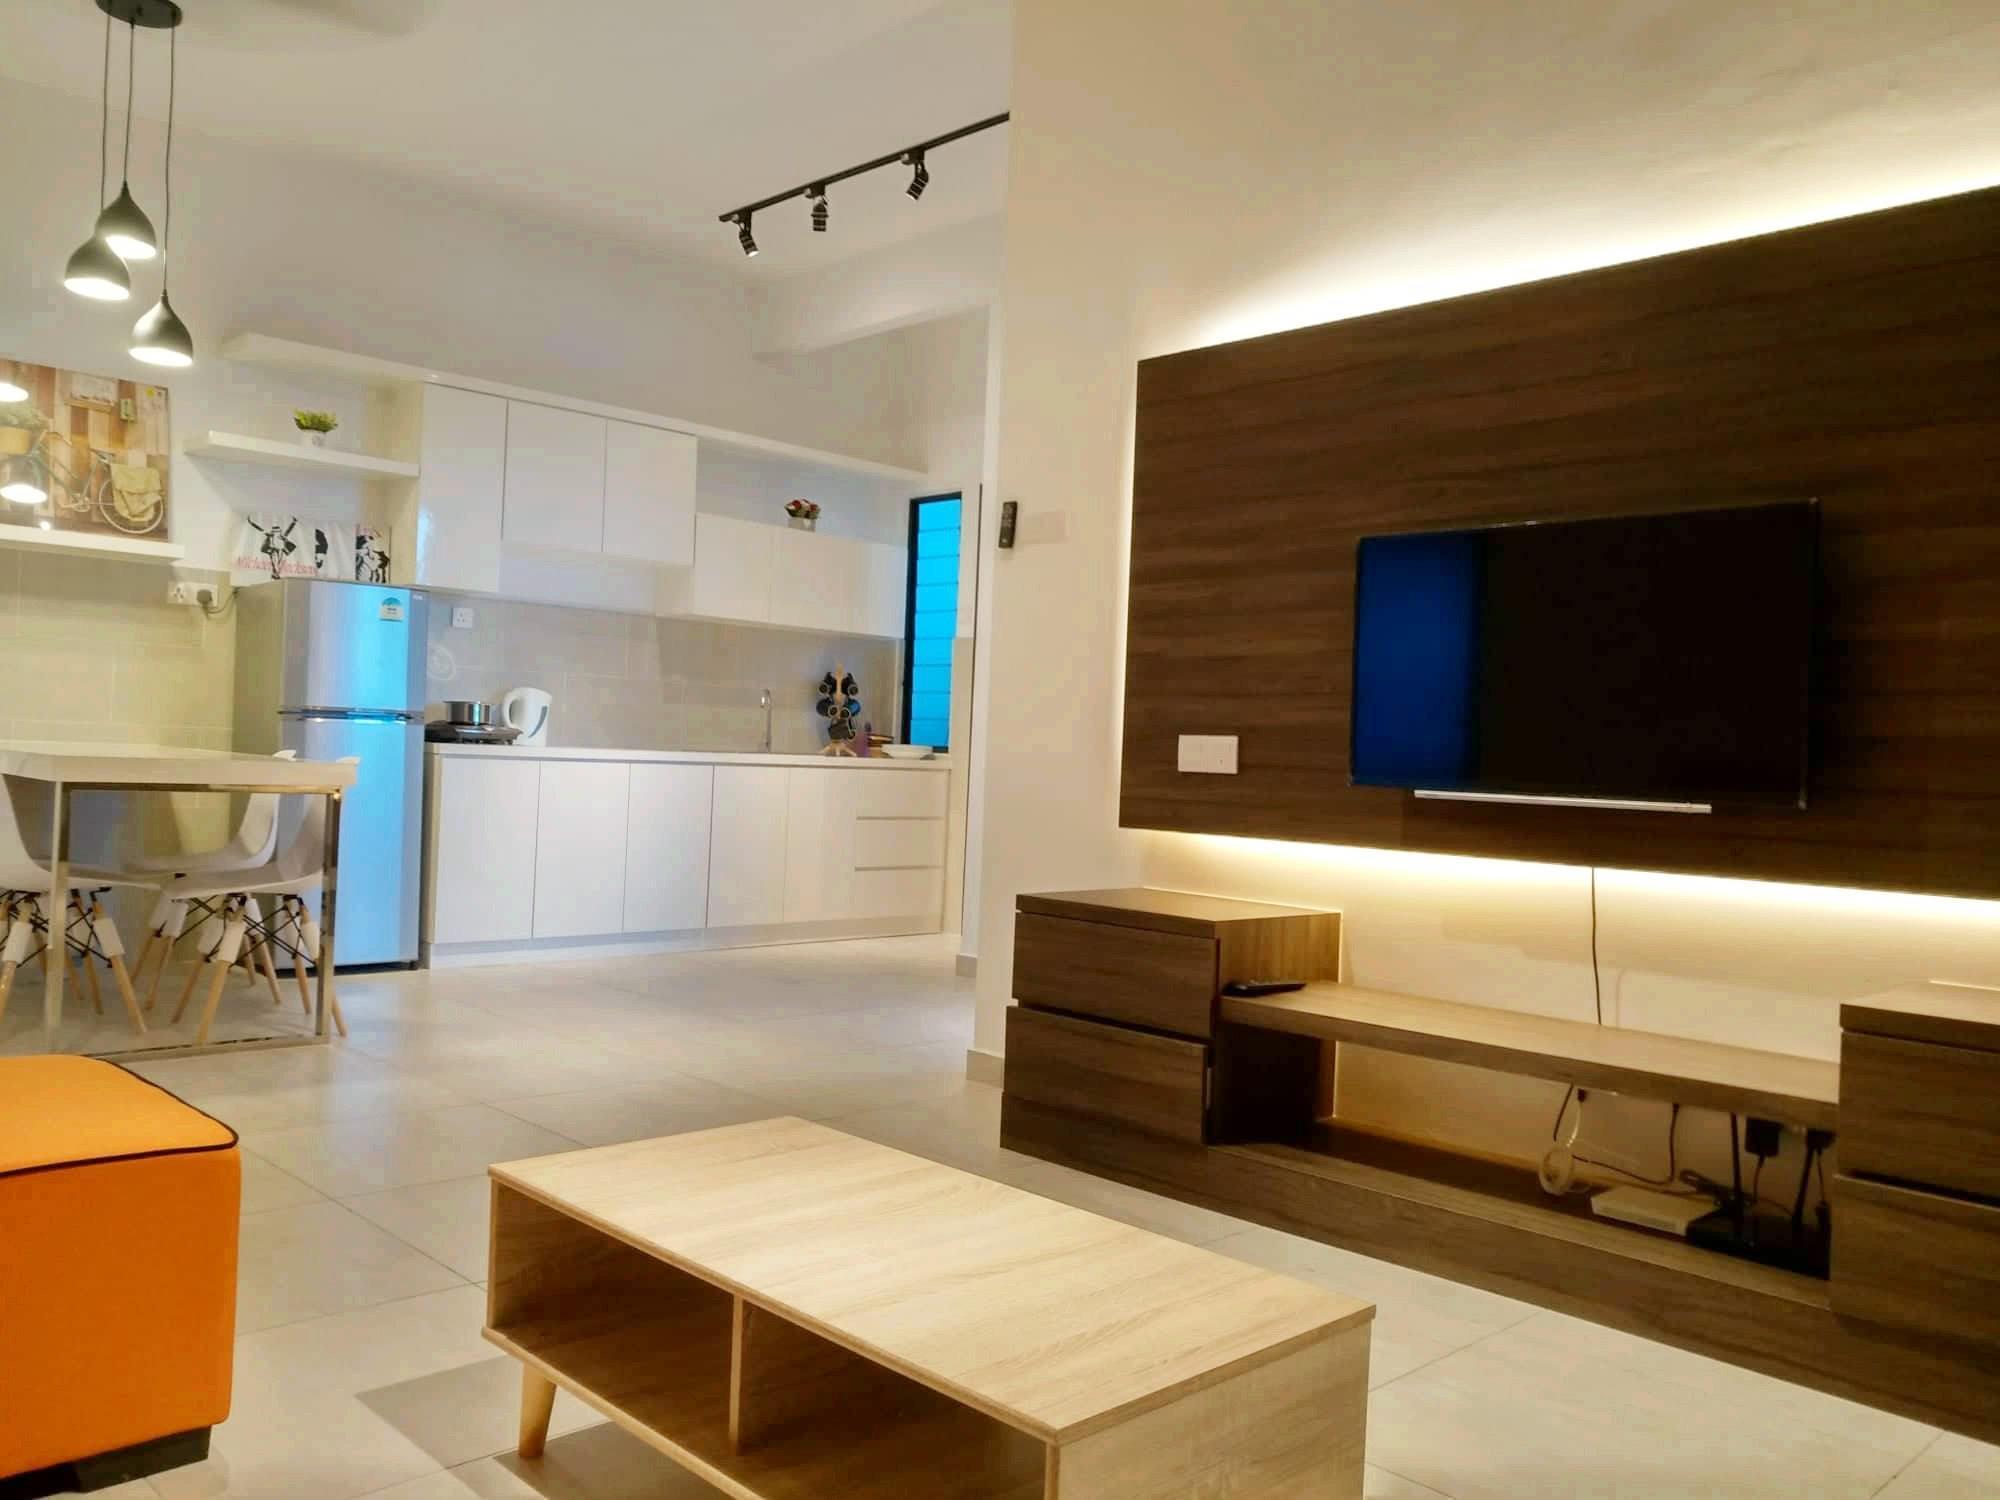 A25 Atlantis Luxury Residence   8 10 Pax   WIFI